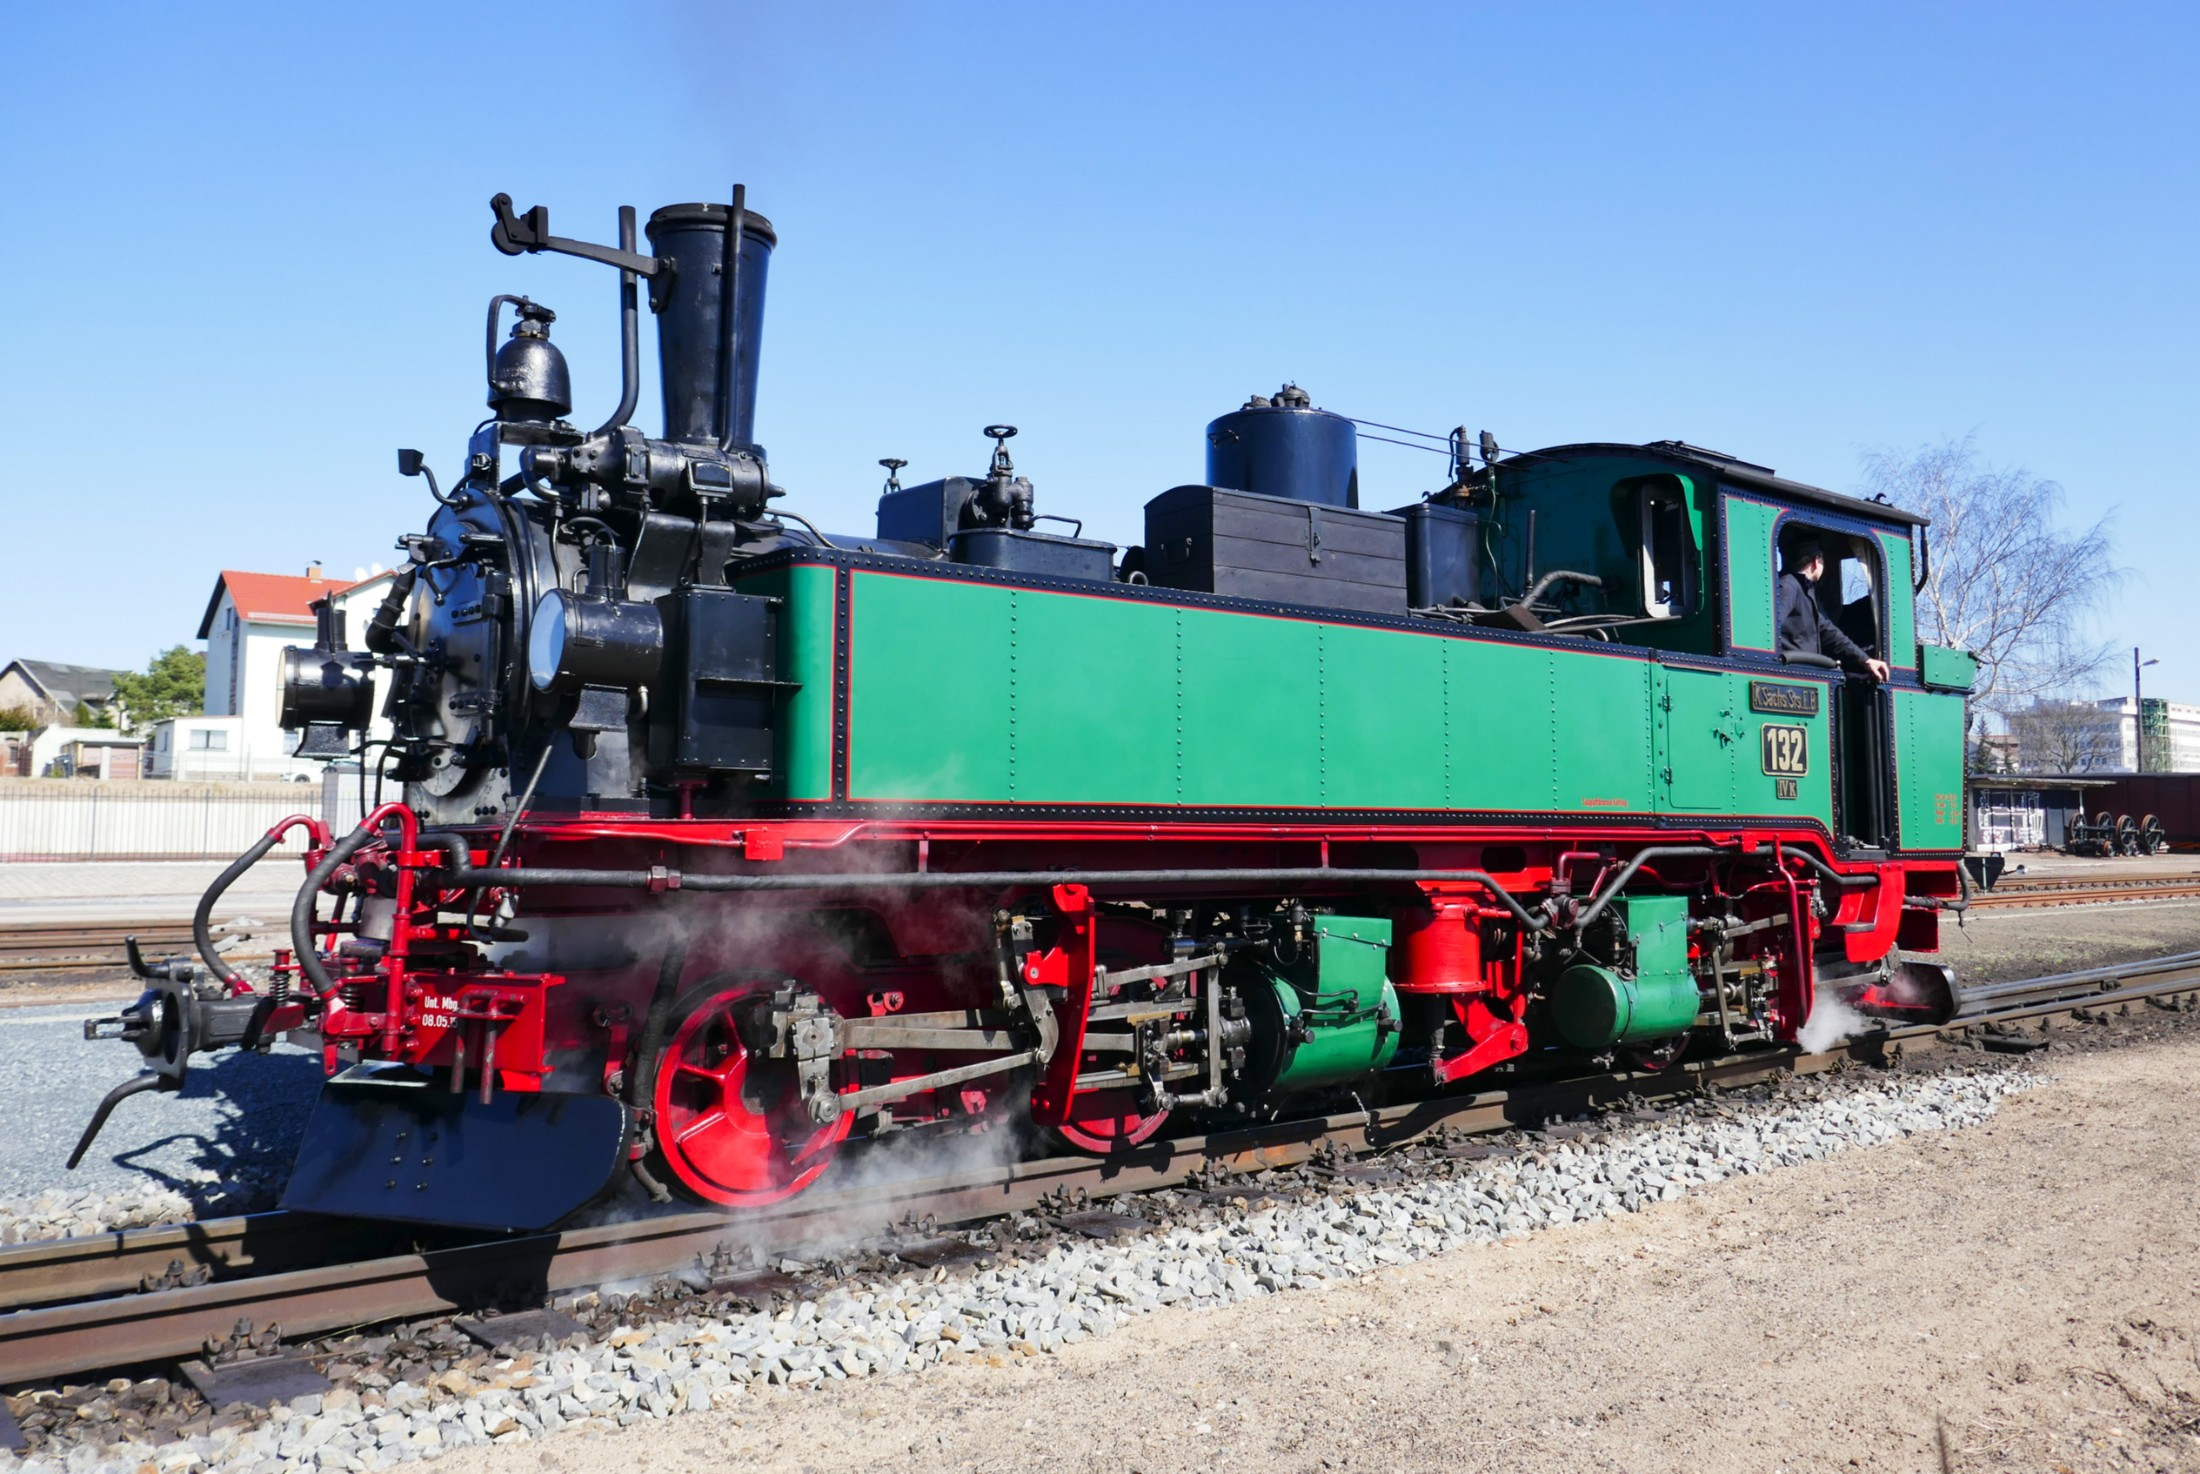 Saxon IV K tank engine